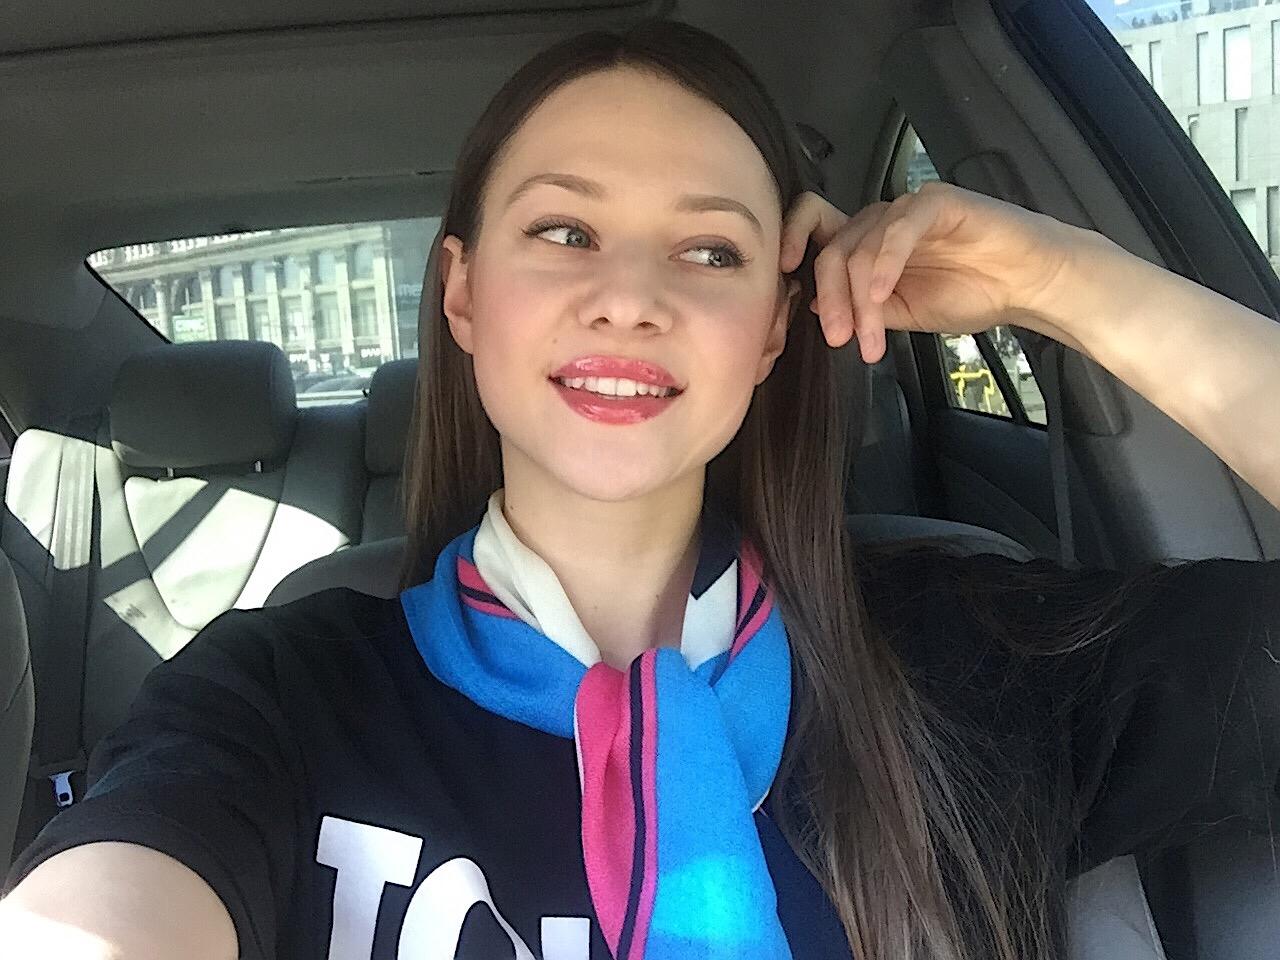 Smile👄 - artist, speaker, blogger Tanya She